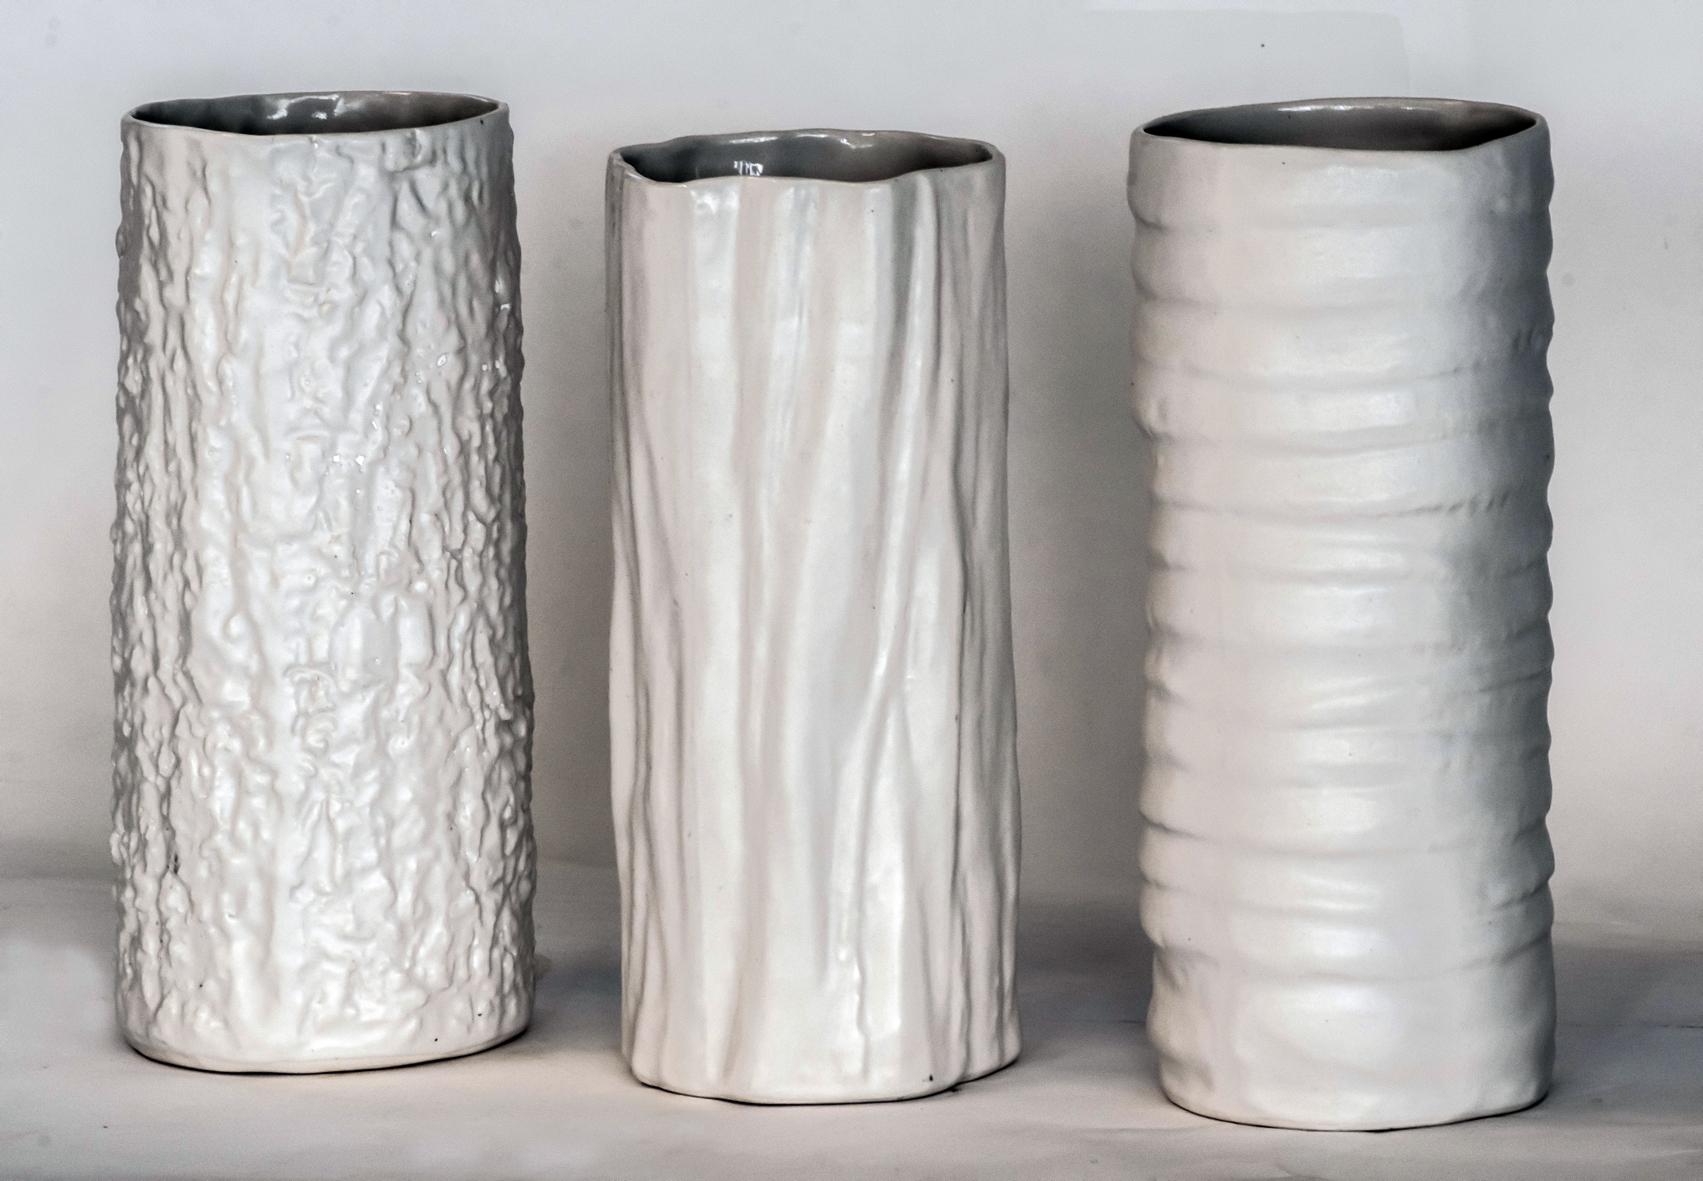 vases hires.jpg